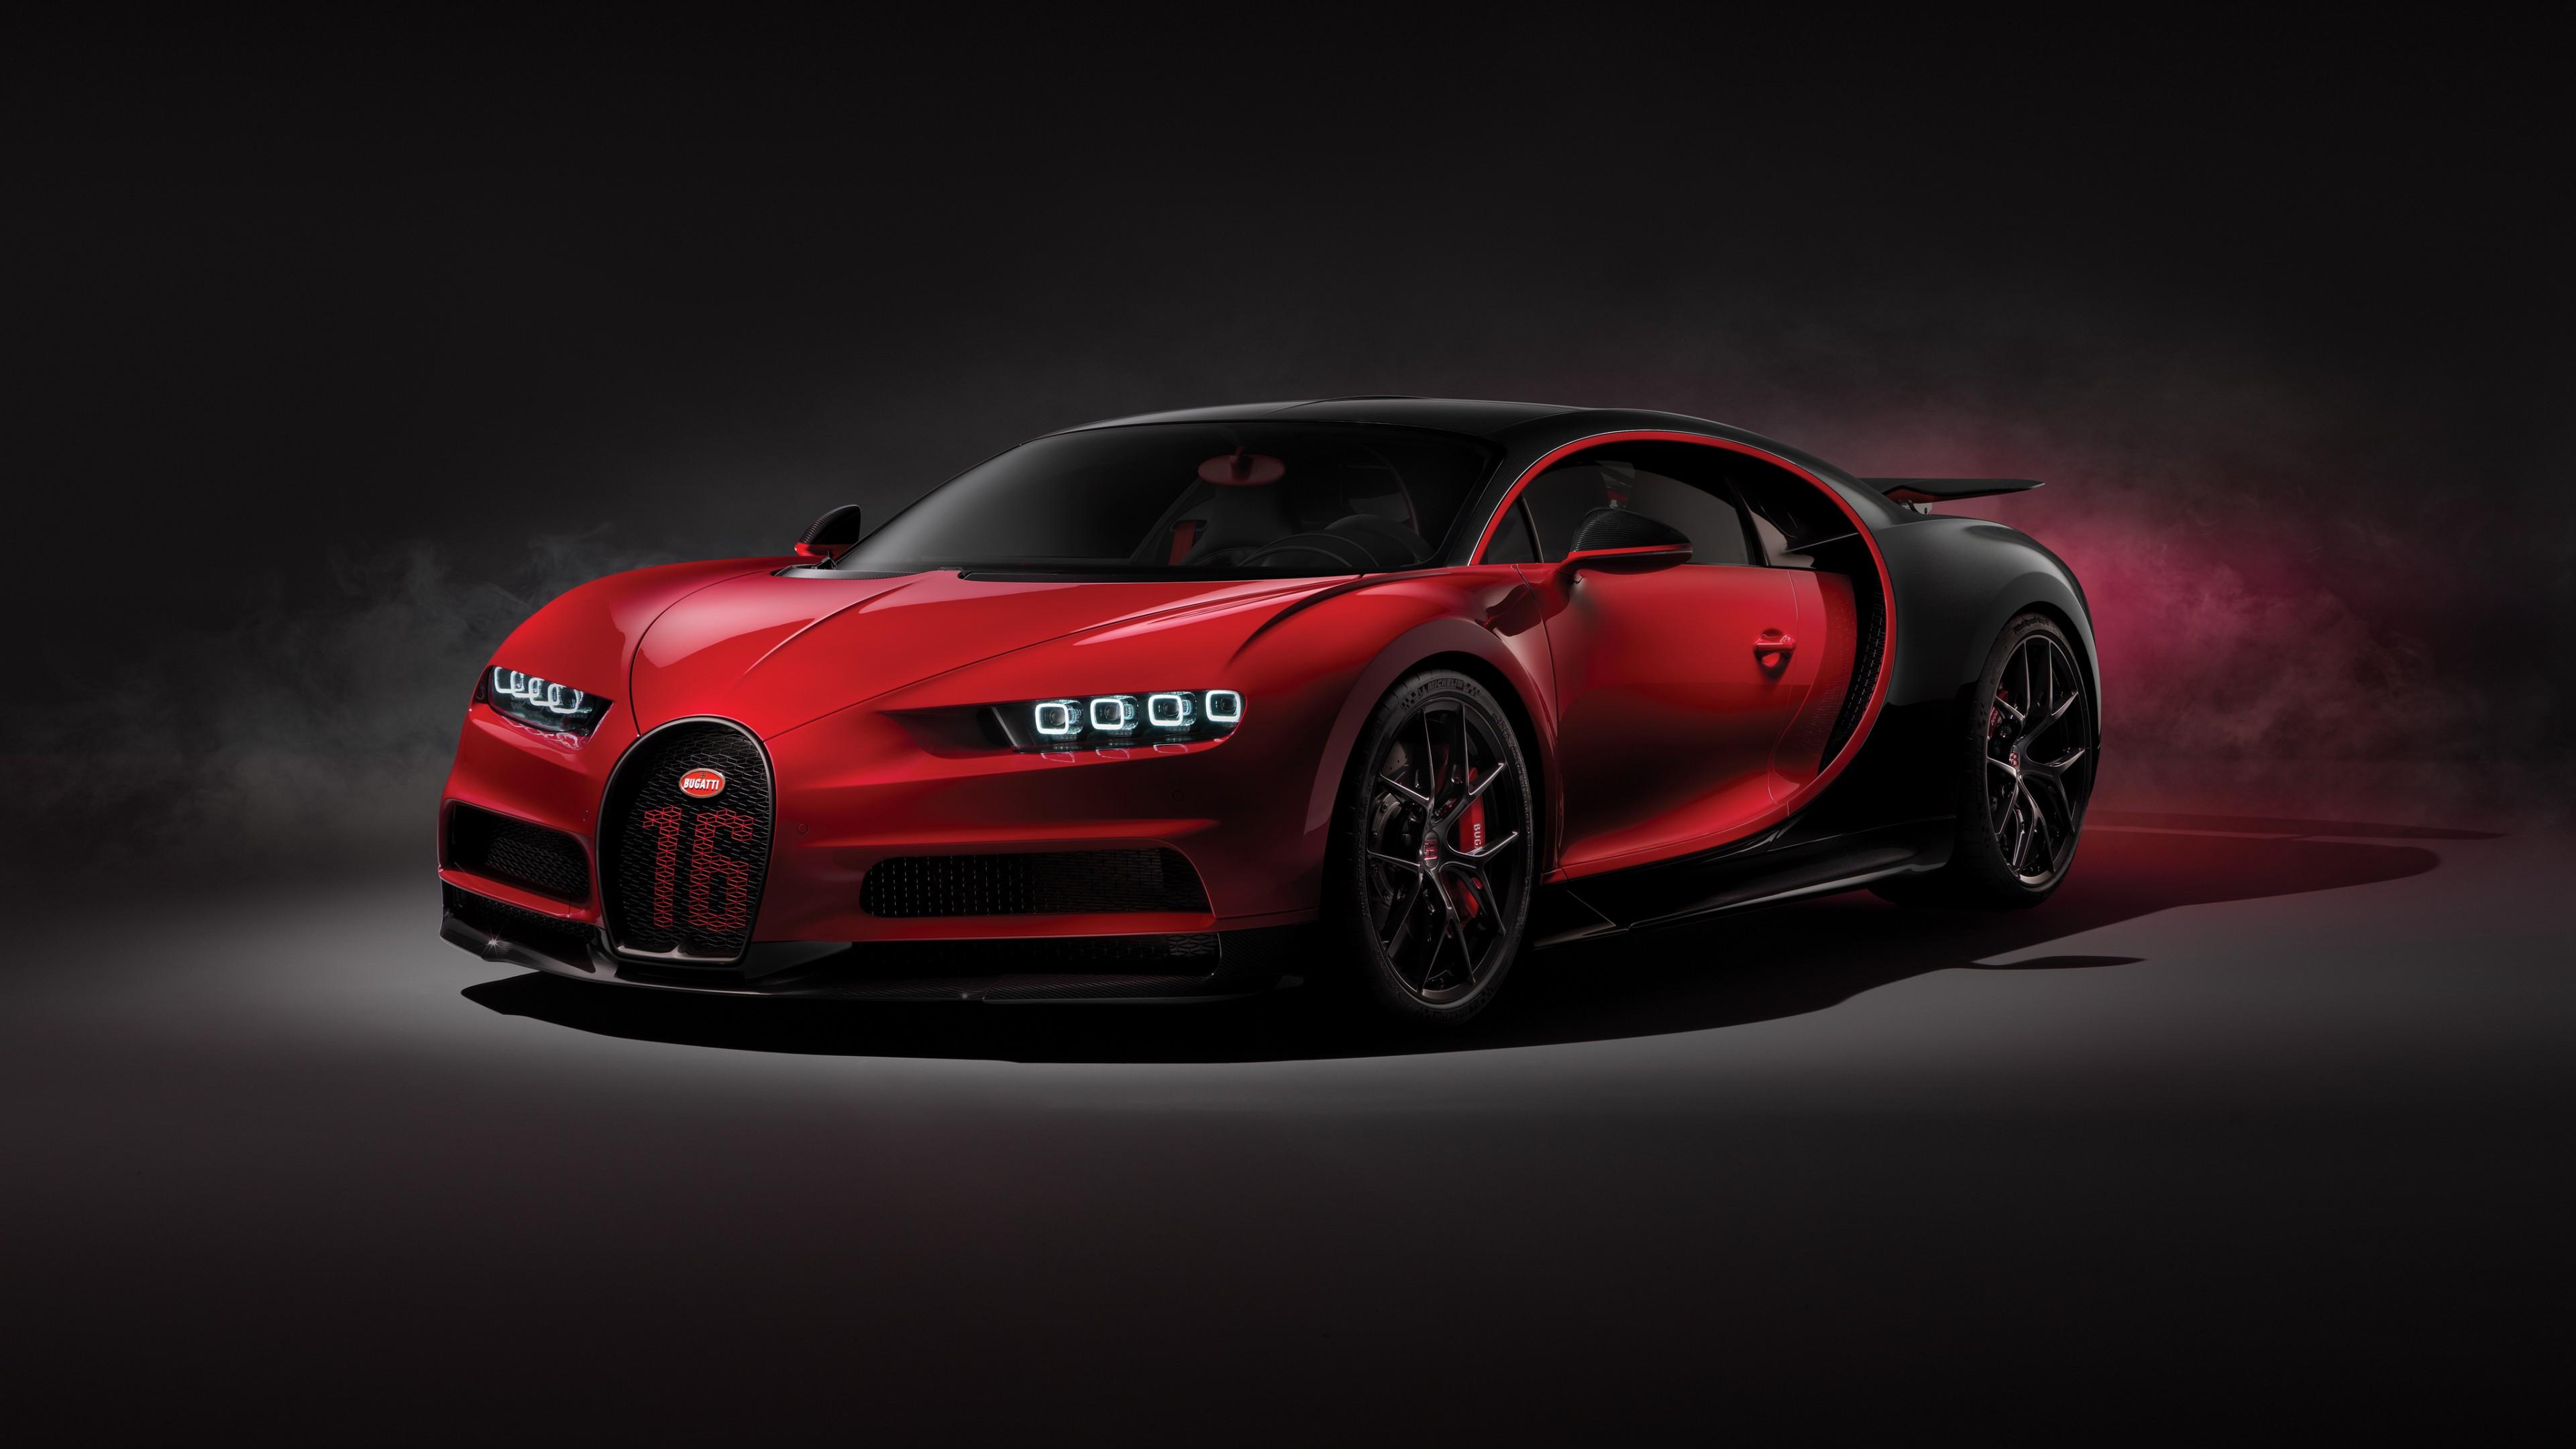 bugatti chiron sport   wallpaper hd car wallpapers id